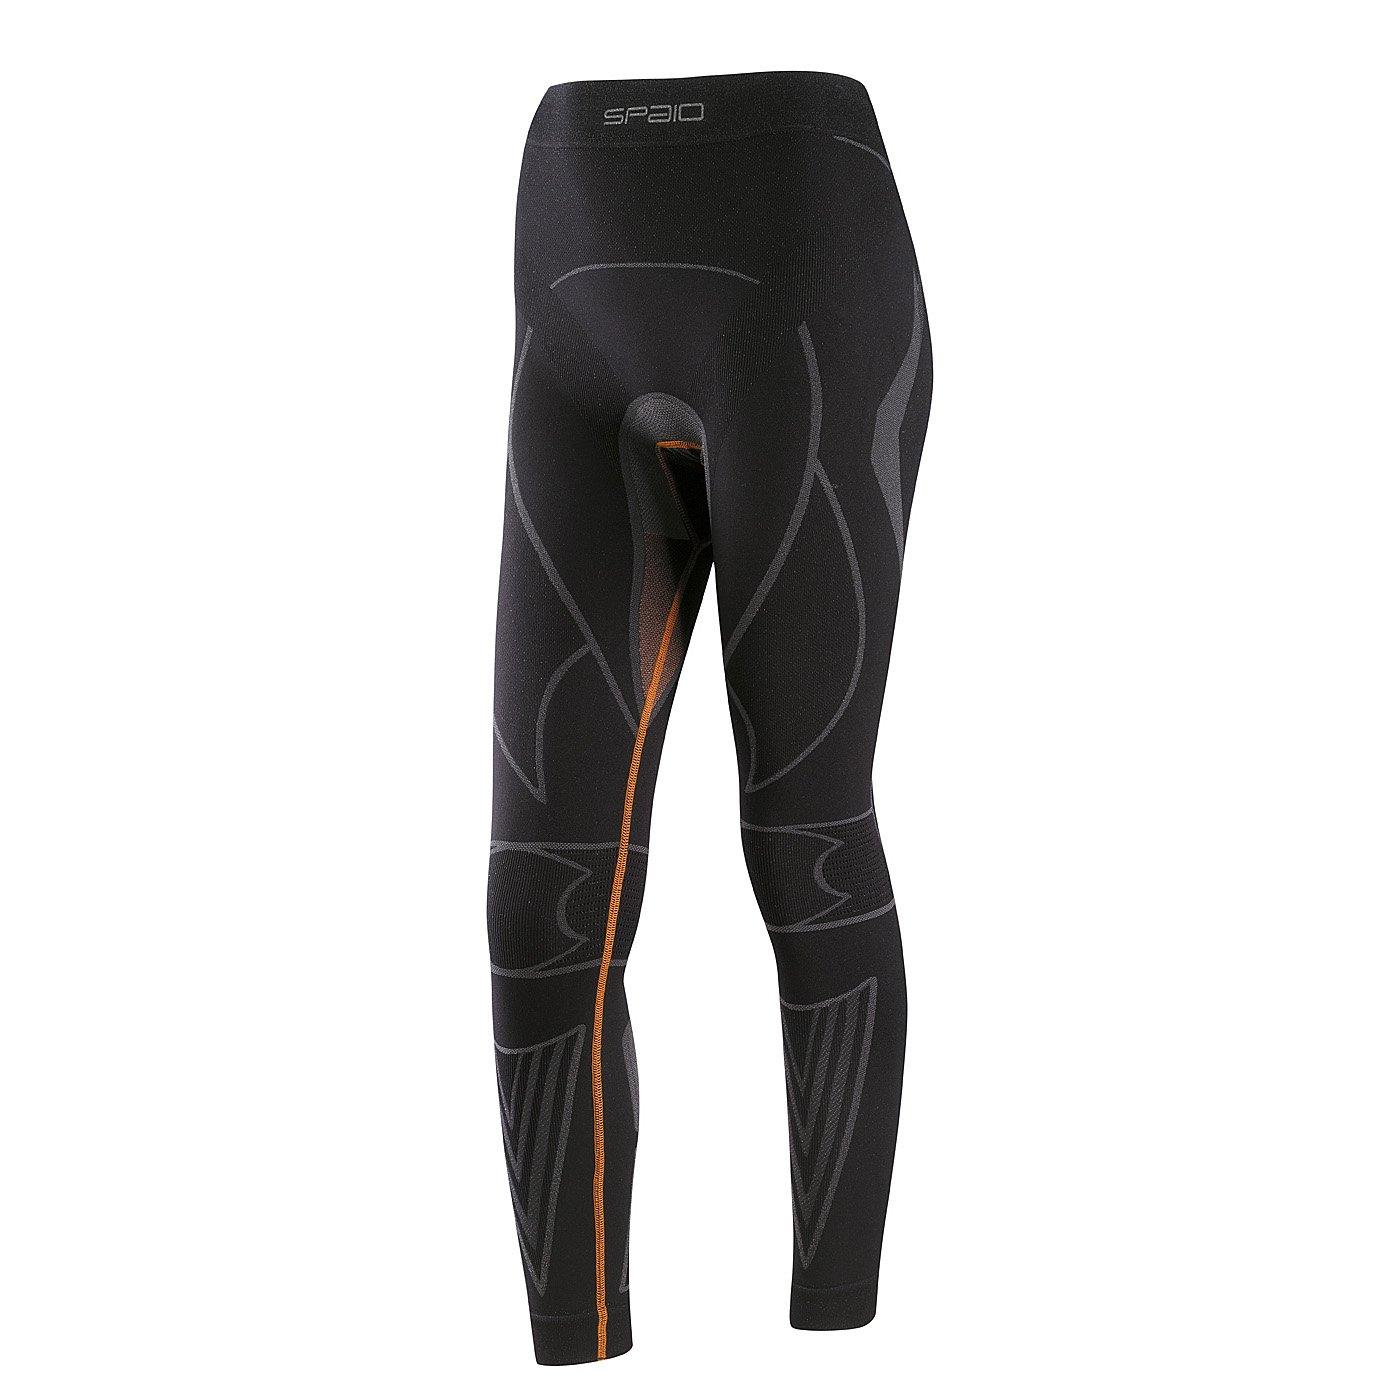 Spaio Extreme Line Damen Thermohose Funktionswäsche Skiunterwäsche Hose